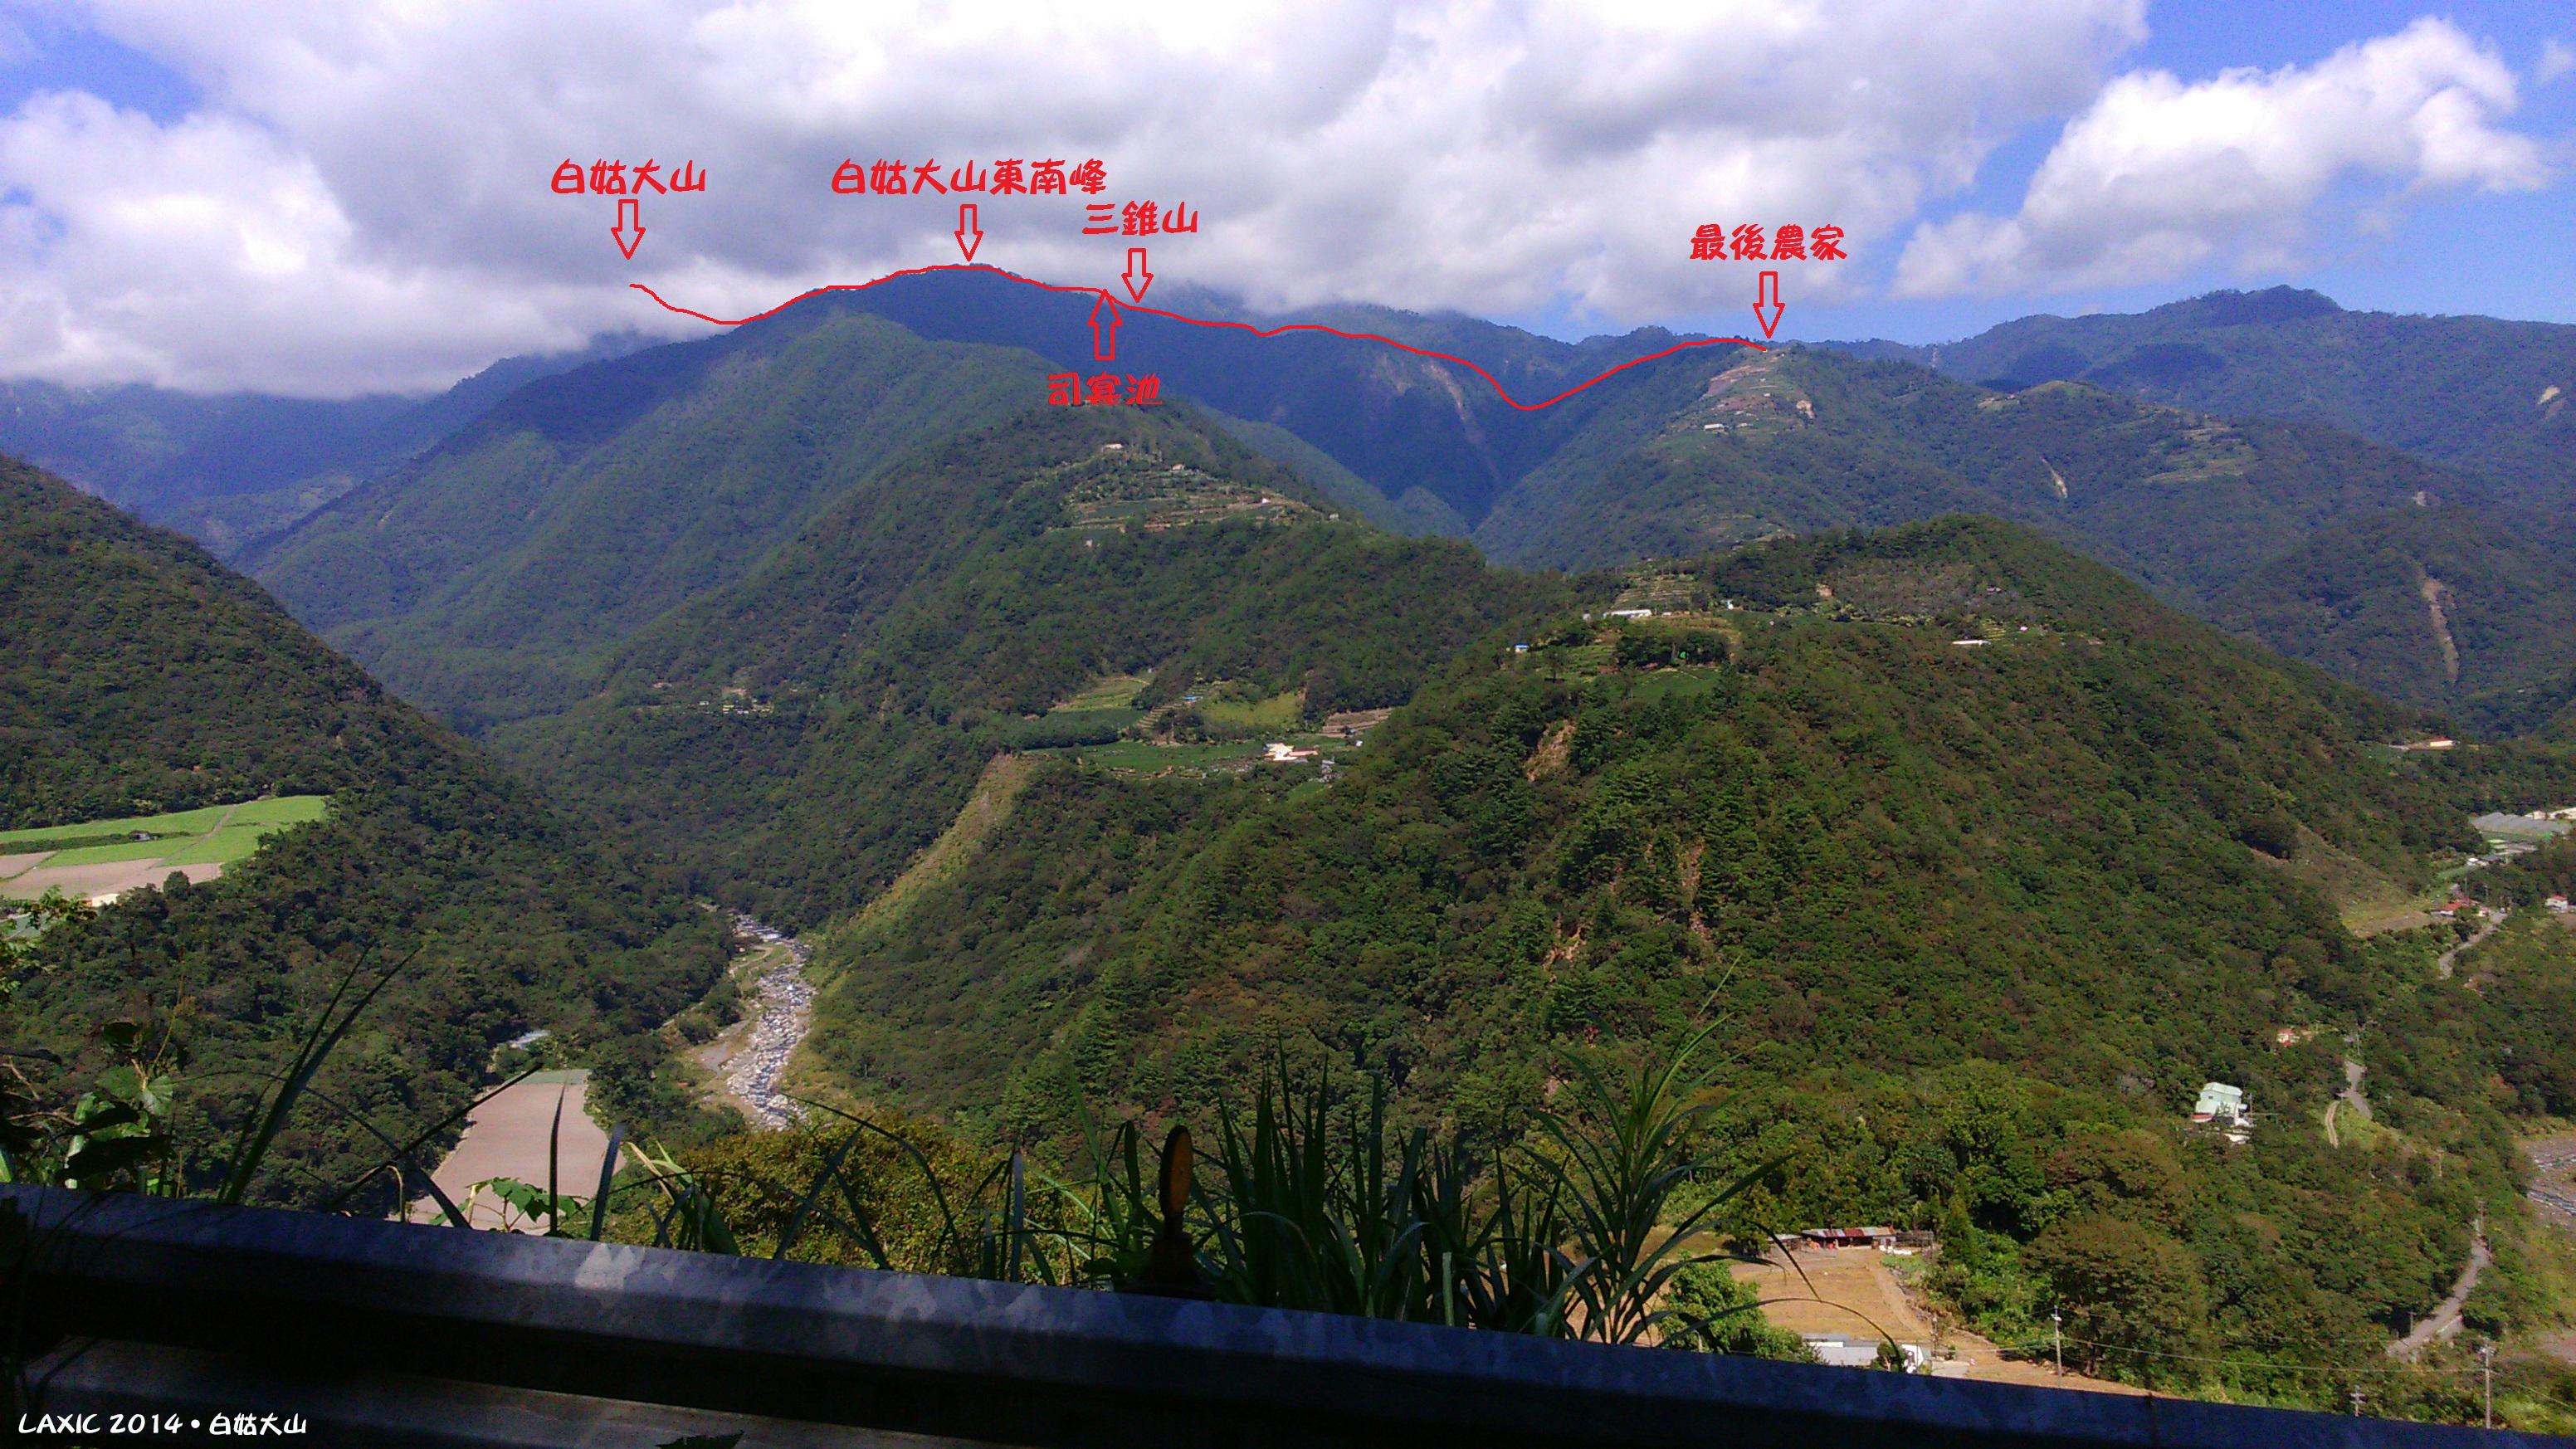 【中央山脈】中橫四辣之太陽下採白姑 - 行程記錄 - 淡淡的山岳天